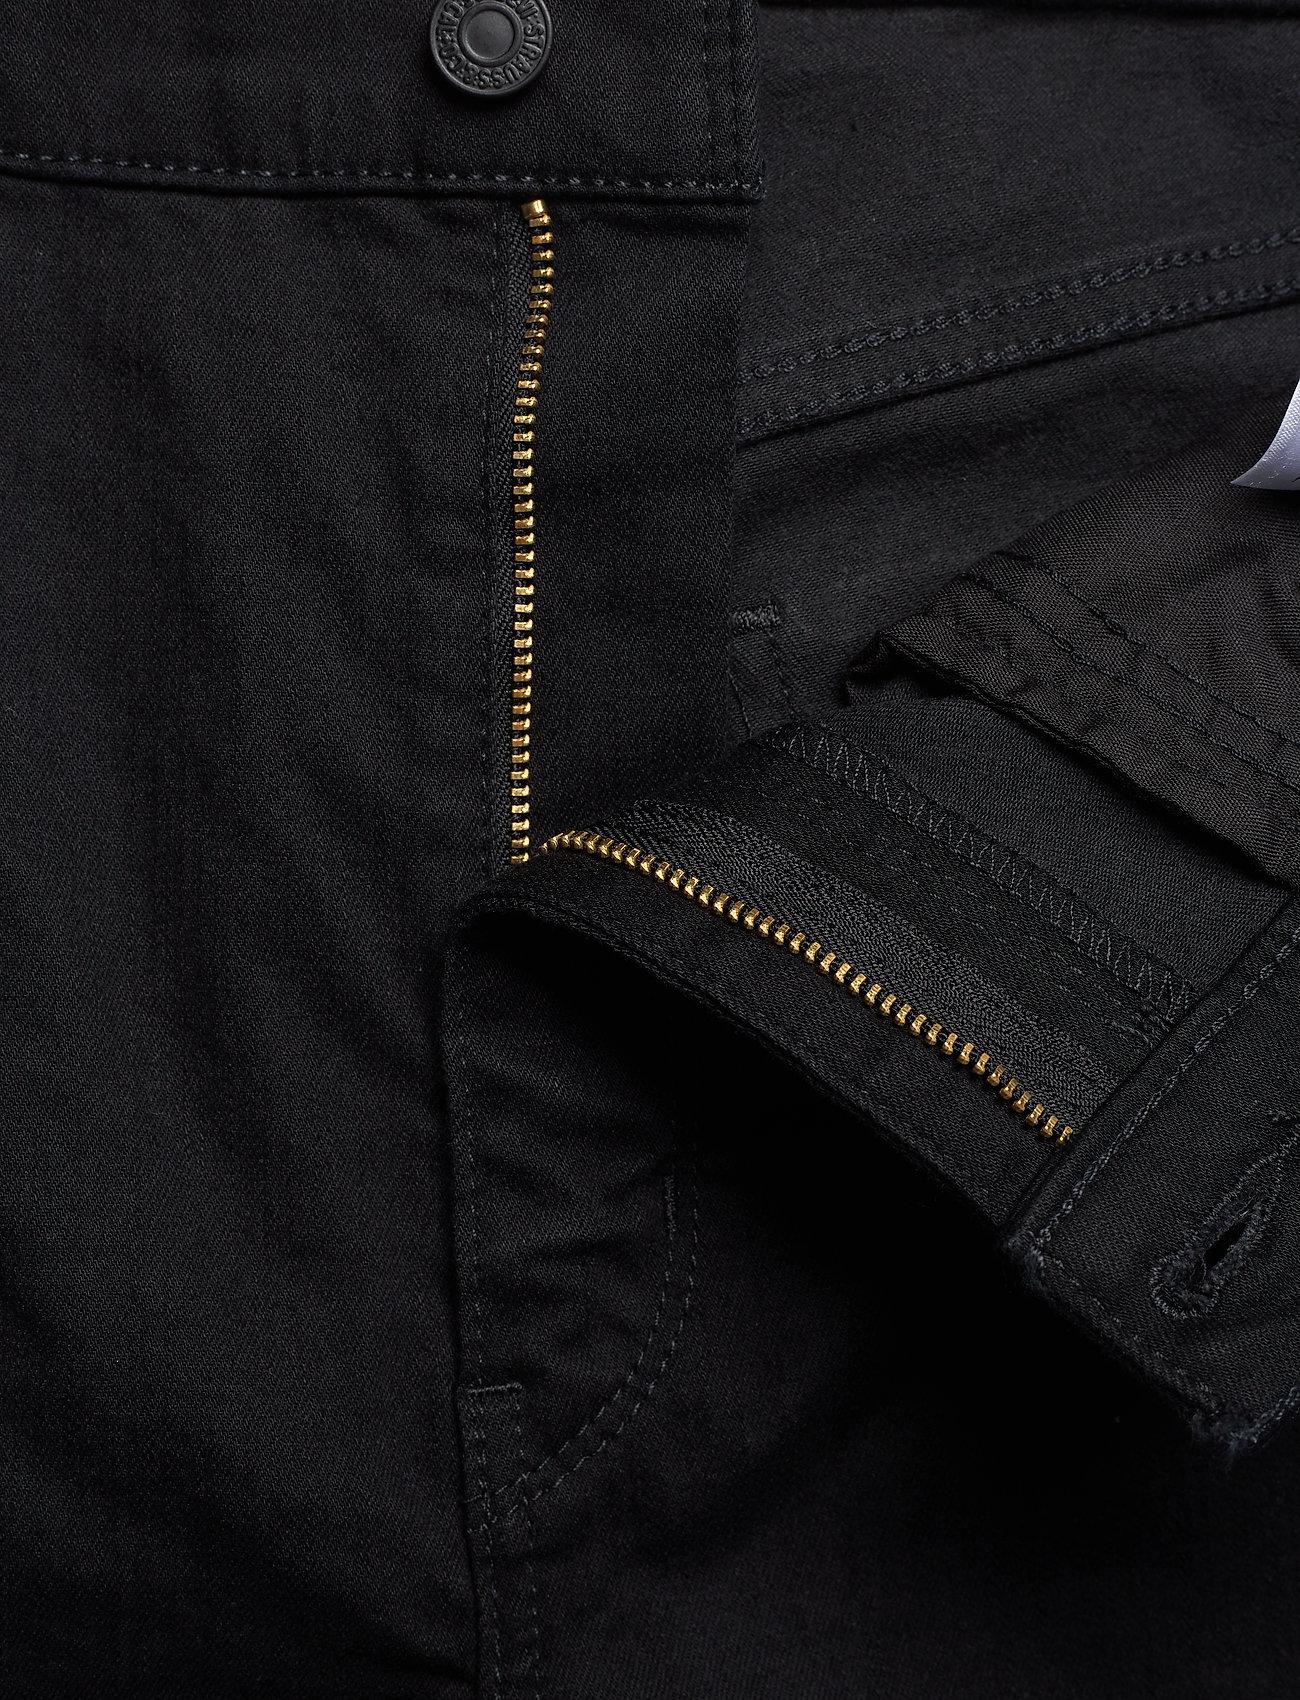 Levi's Plus Size - PLUS MILE HIGH SS BLACK CELEST - skinny jeans - blacks - 3